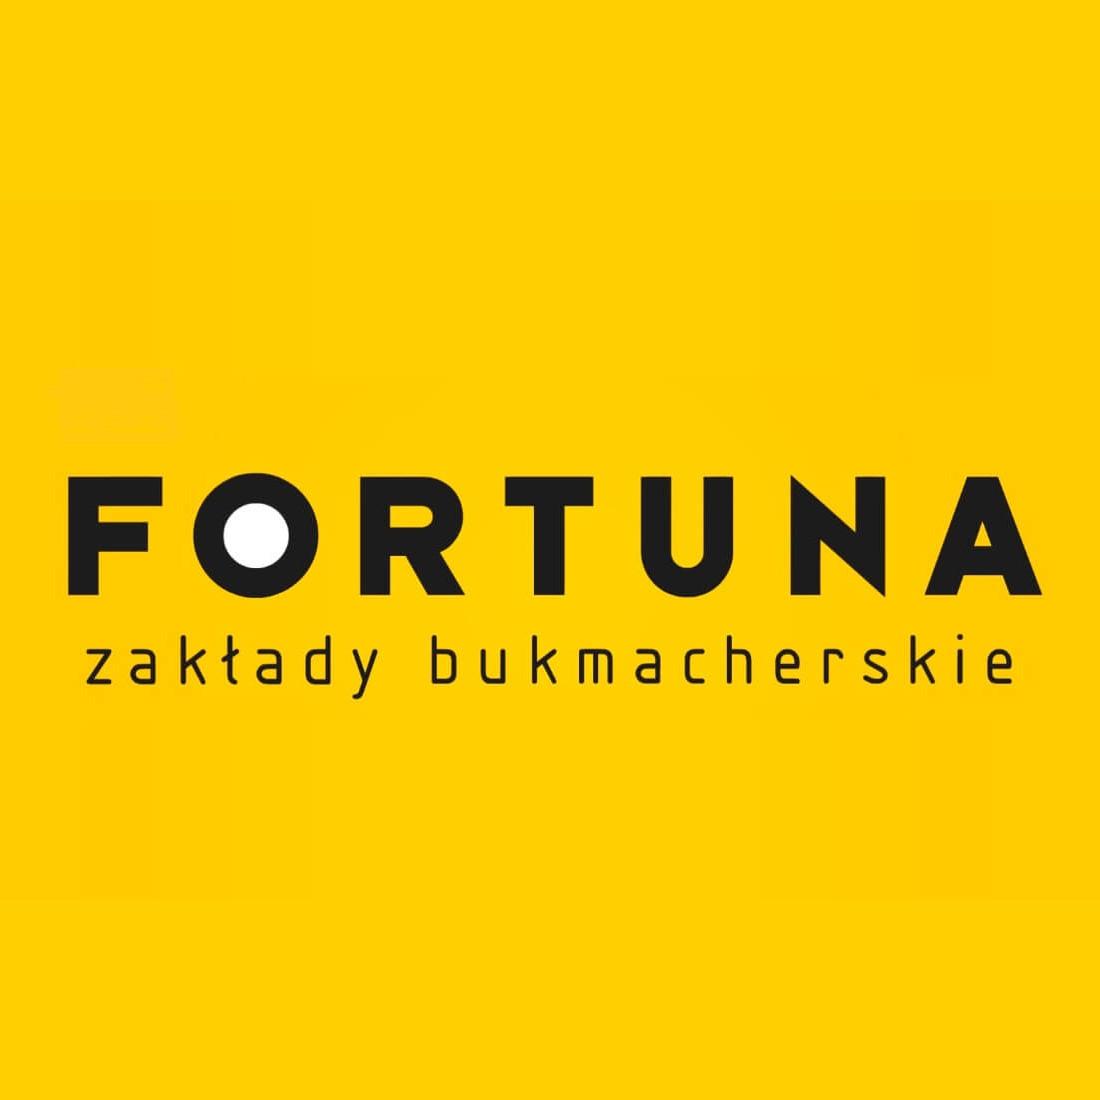 obrazek konkurs miesięczny bukmachera fortuna